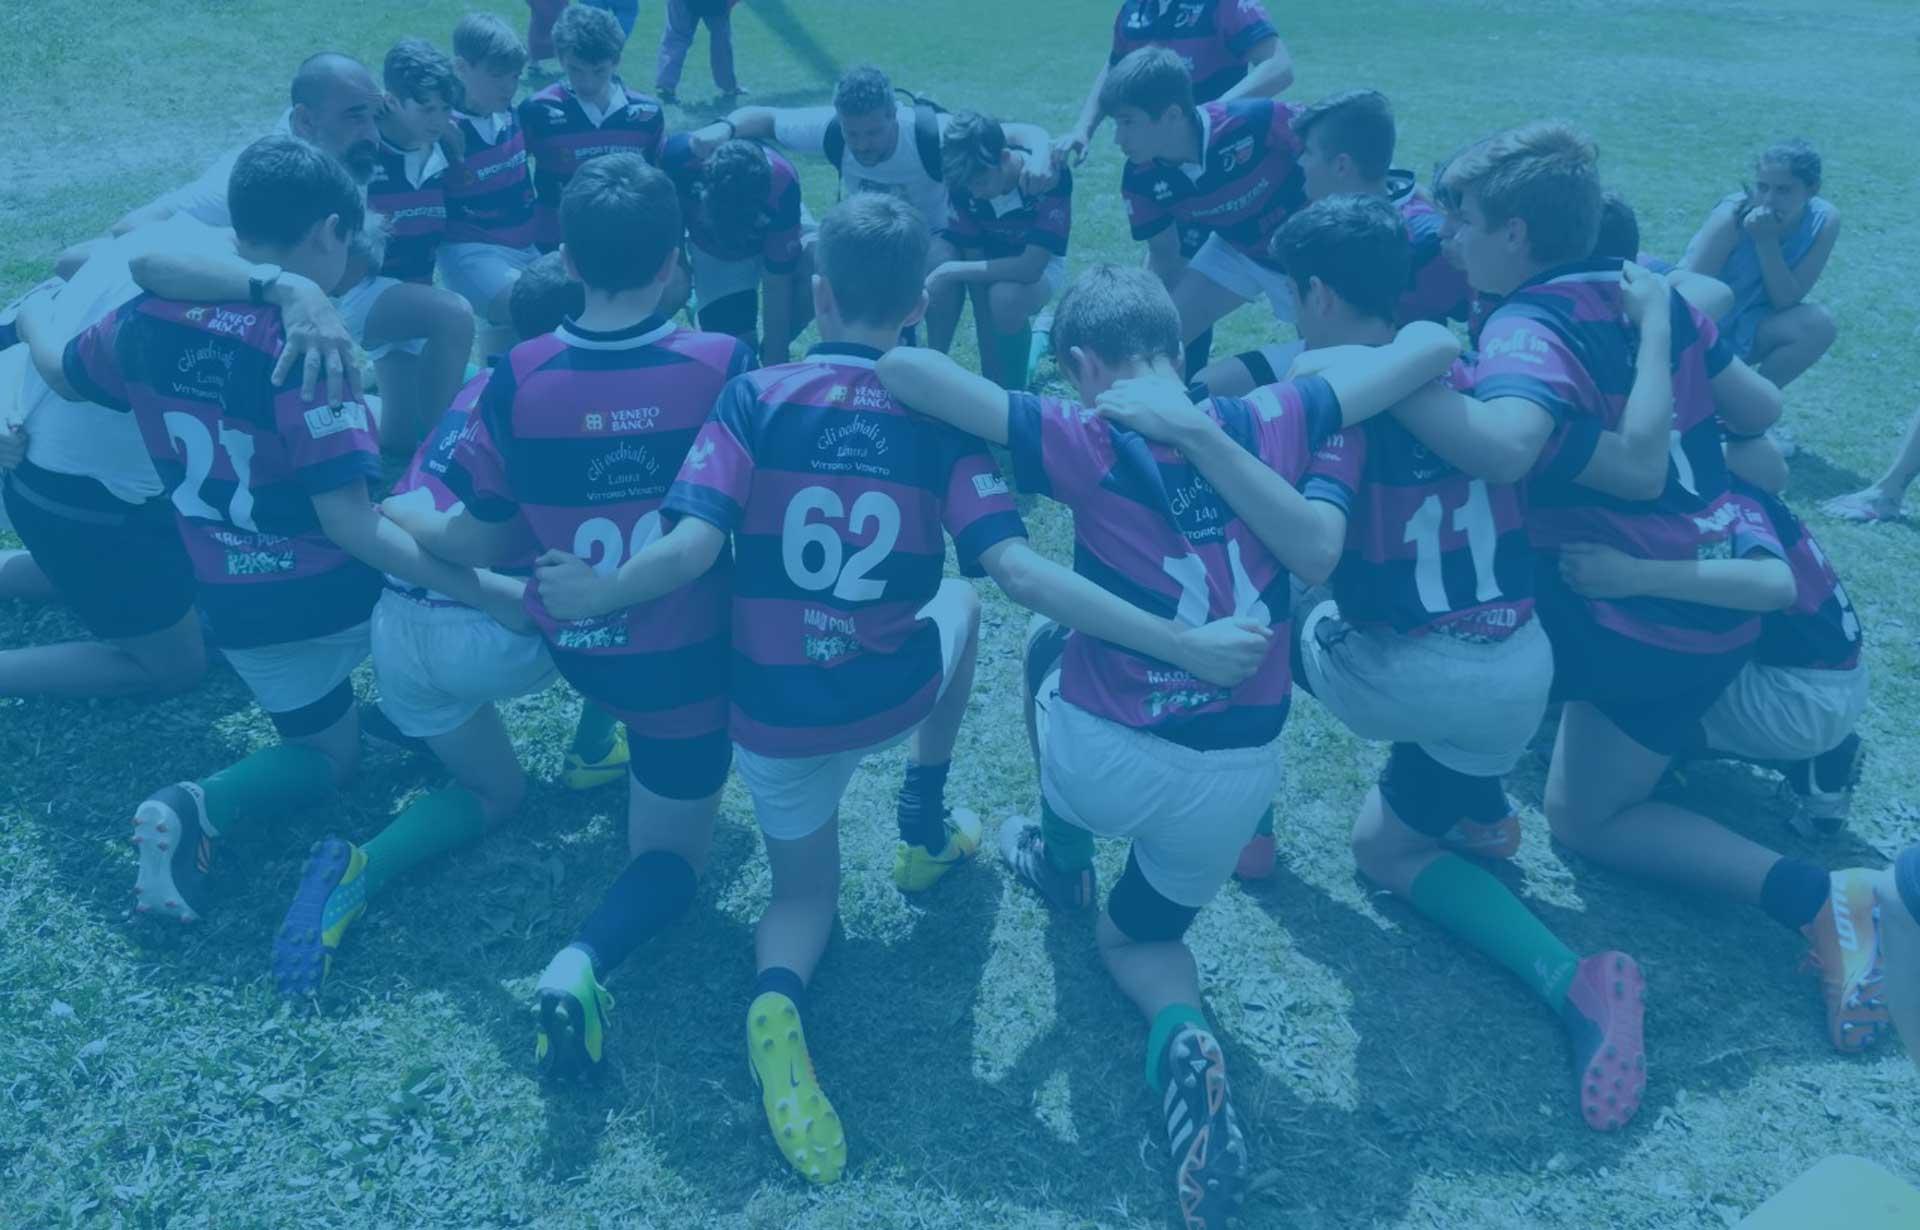 https://rugbyvittorioveneto.it/wp-content/uploads/2018/08/FILTRO-BLU.jpg